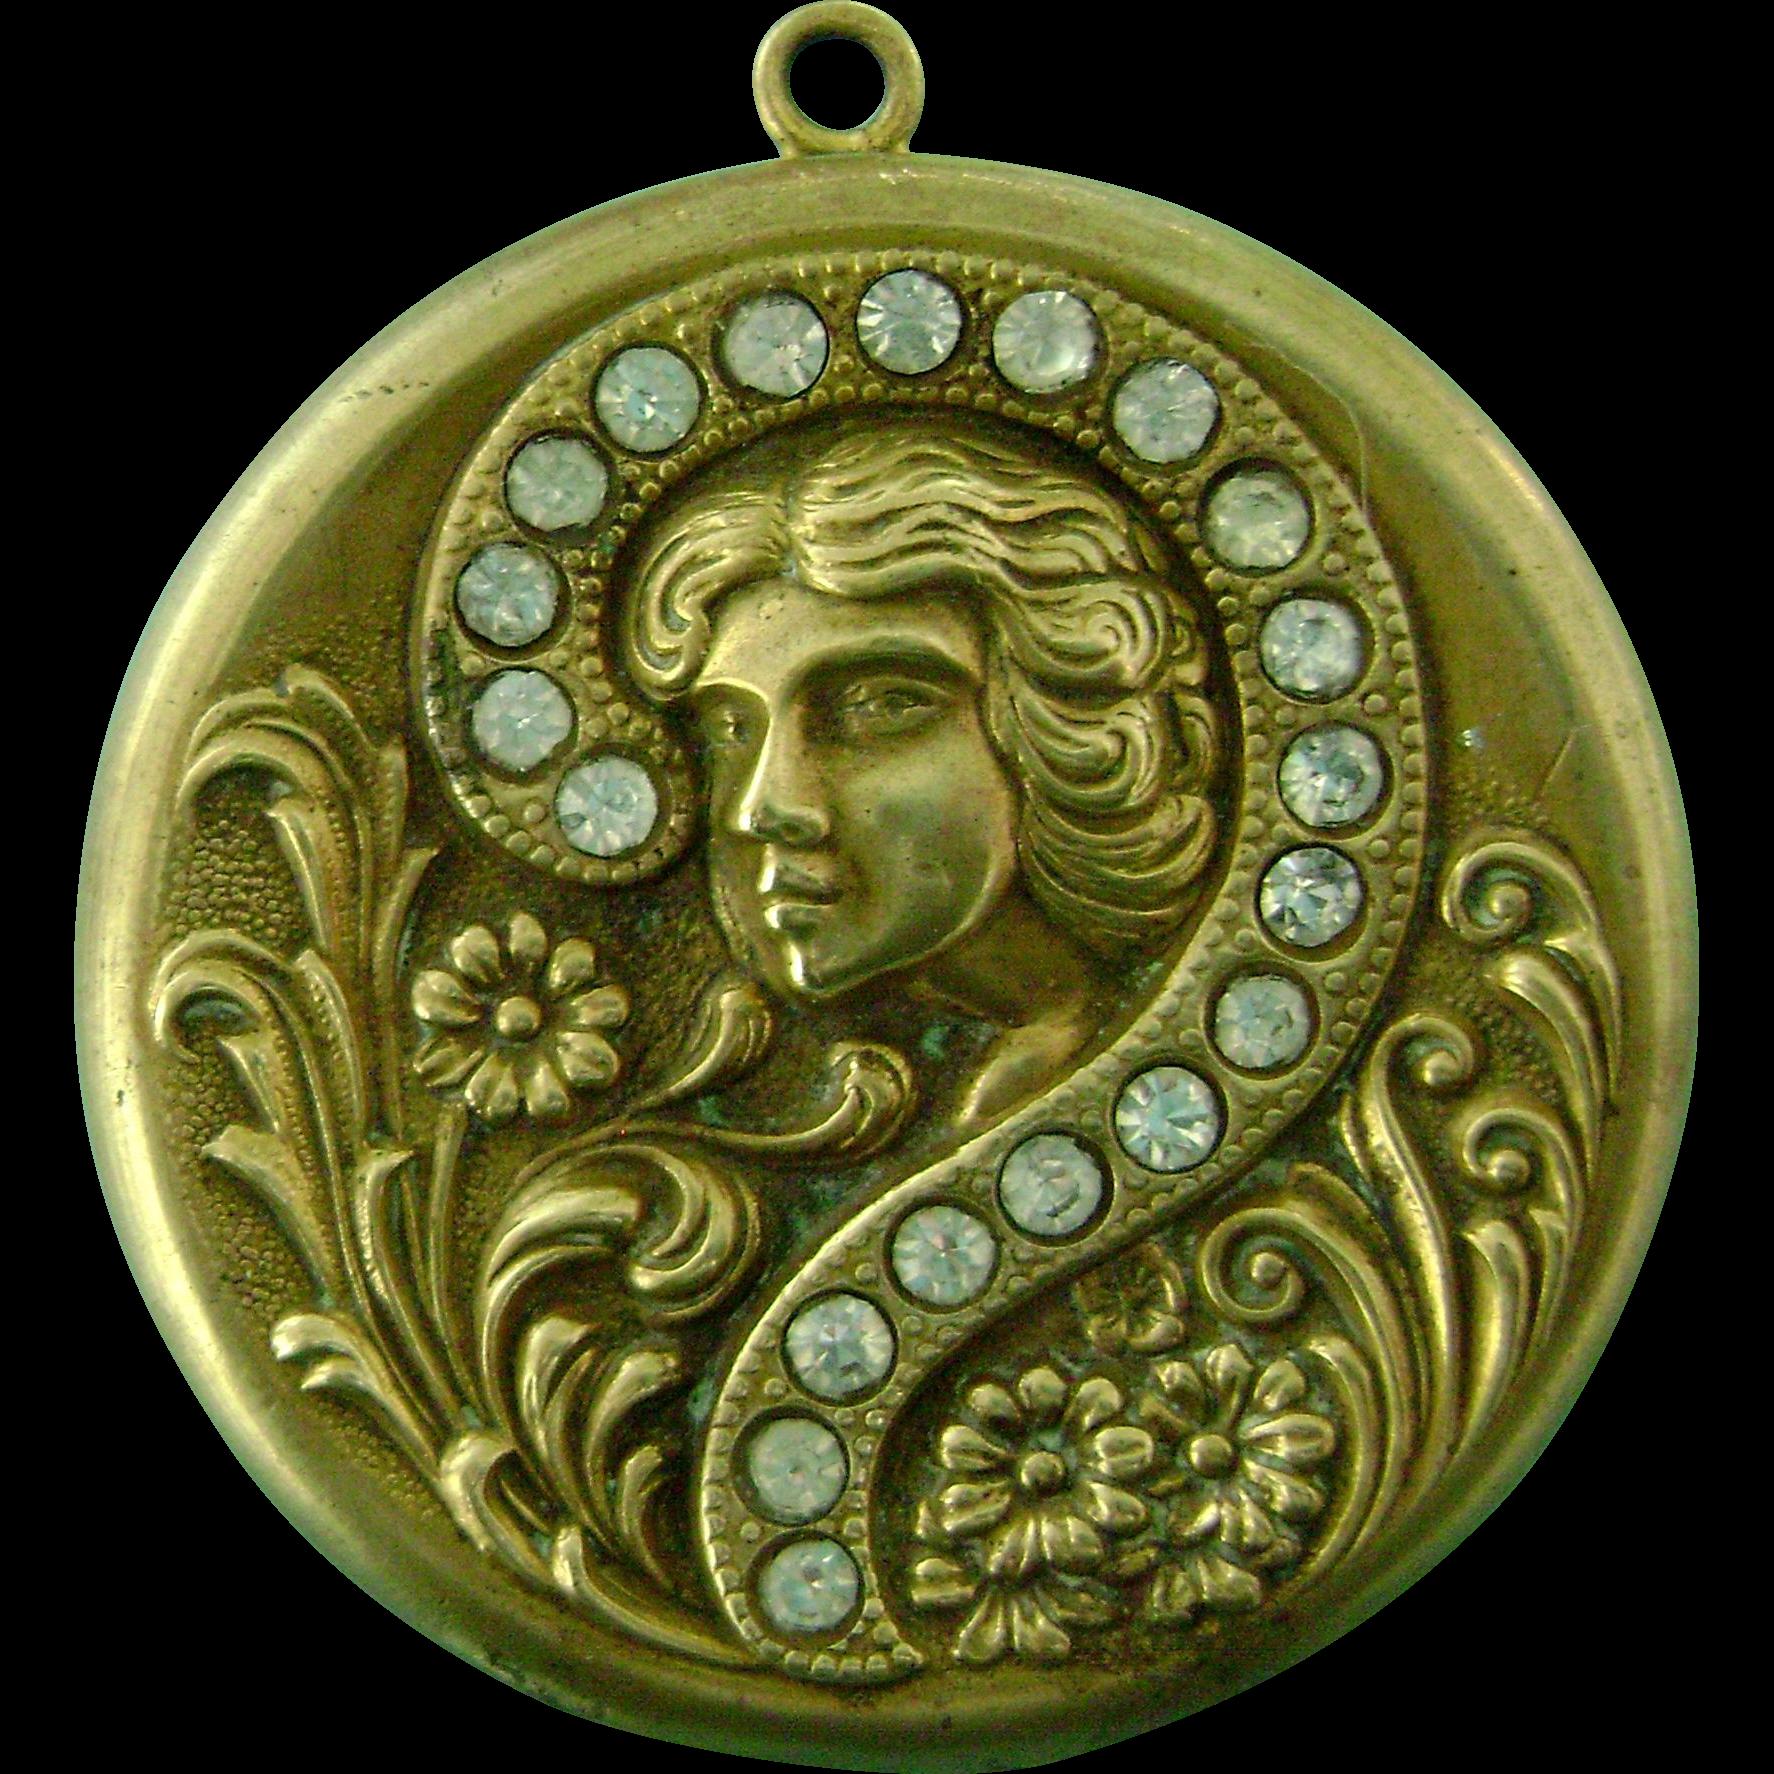 Antique Vintage Art Nouveau Locket Pendant for Necklace